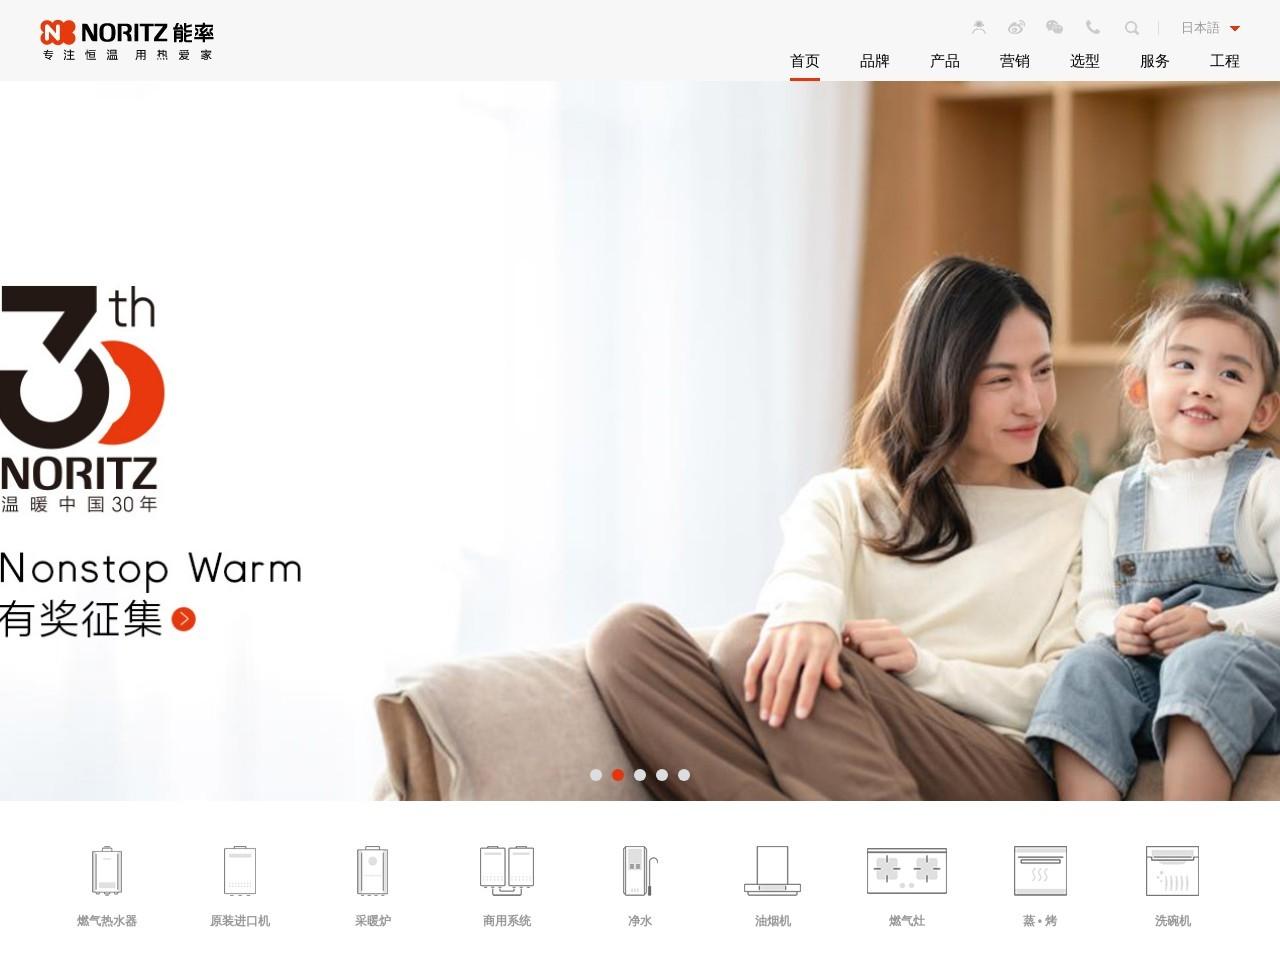 NORITZ 能率中国官方网站-热水器_家庭供暖_净水_厨电